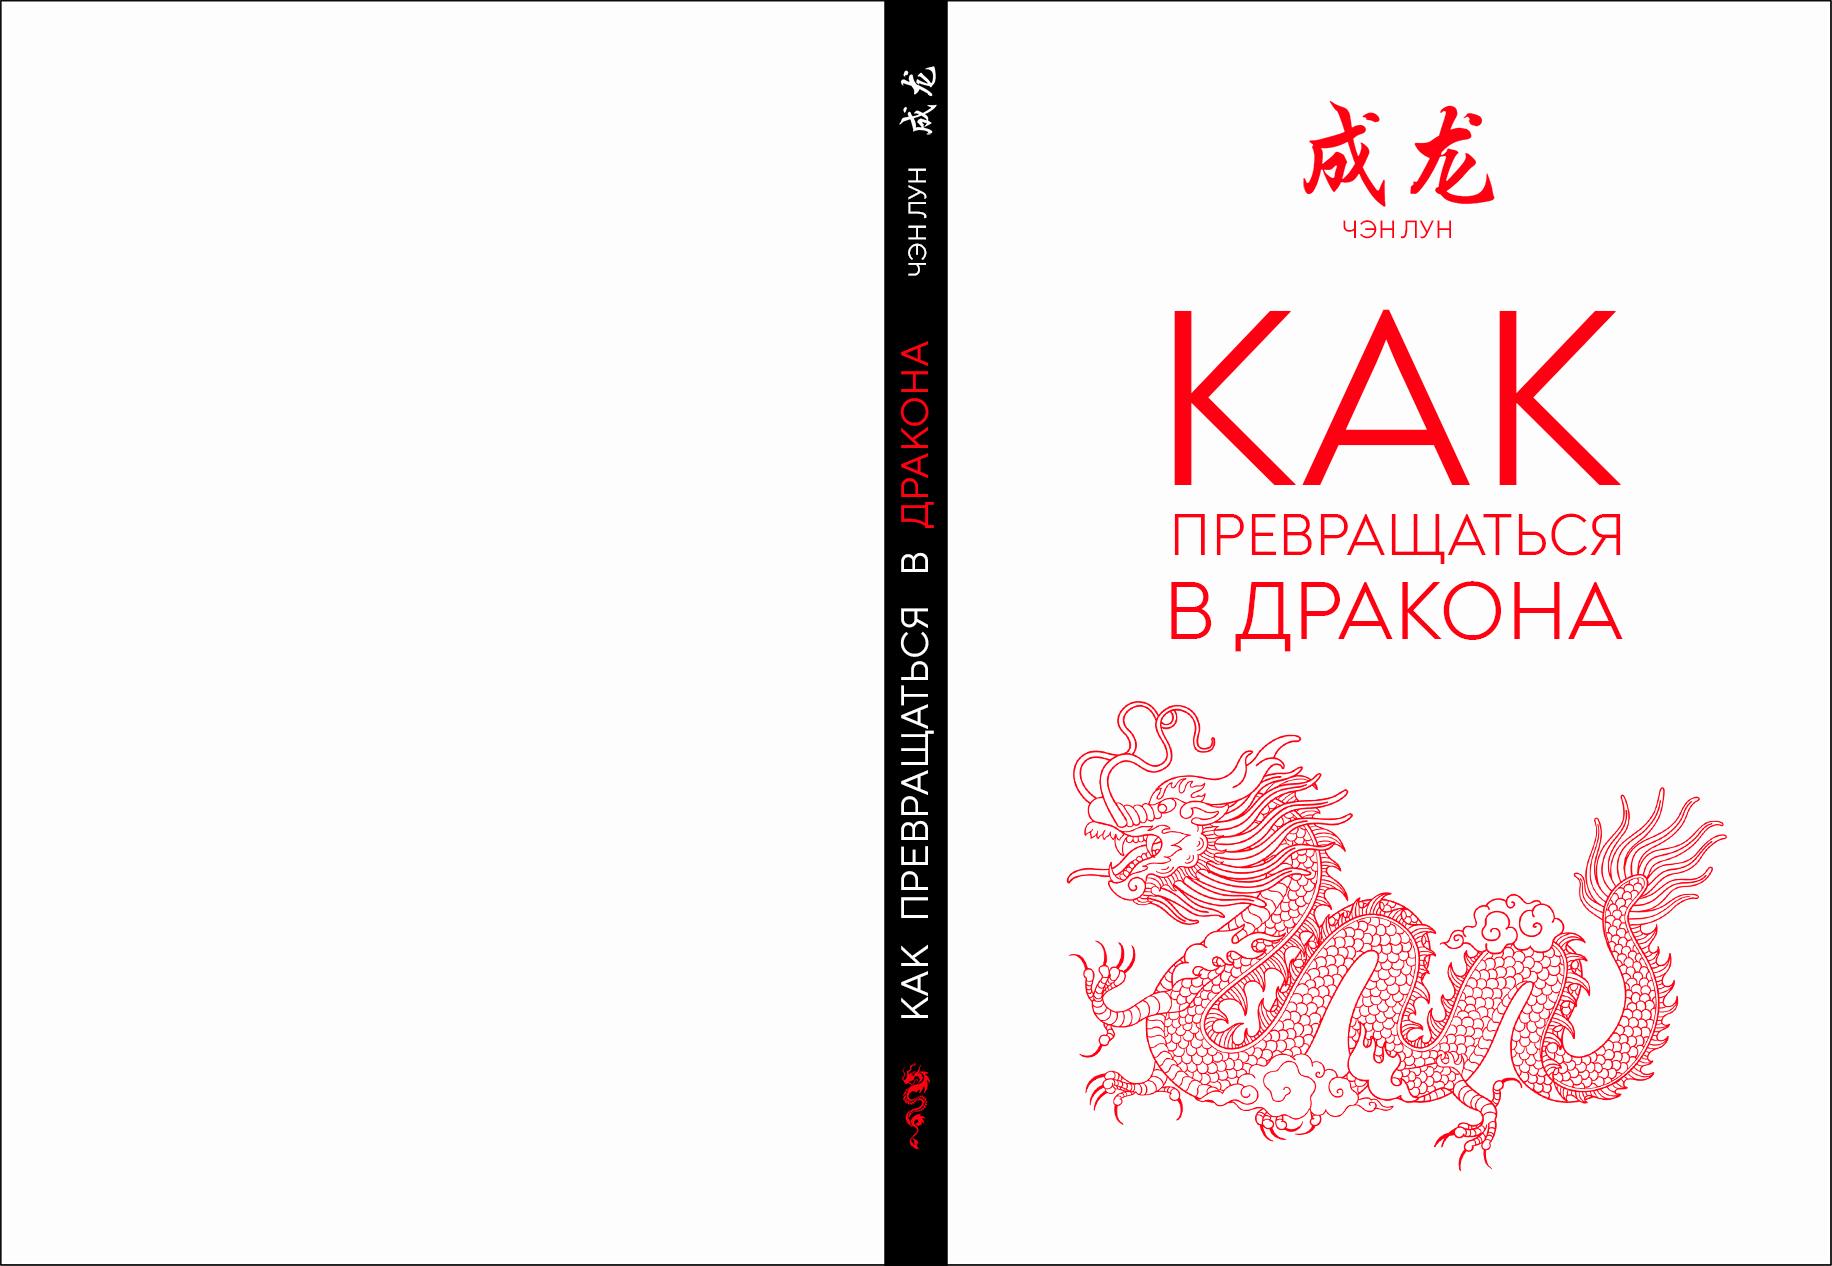 Обложка для книги фото f_8935f4d56640b0f7.jpg